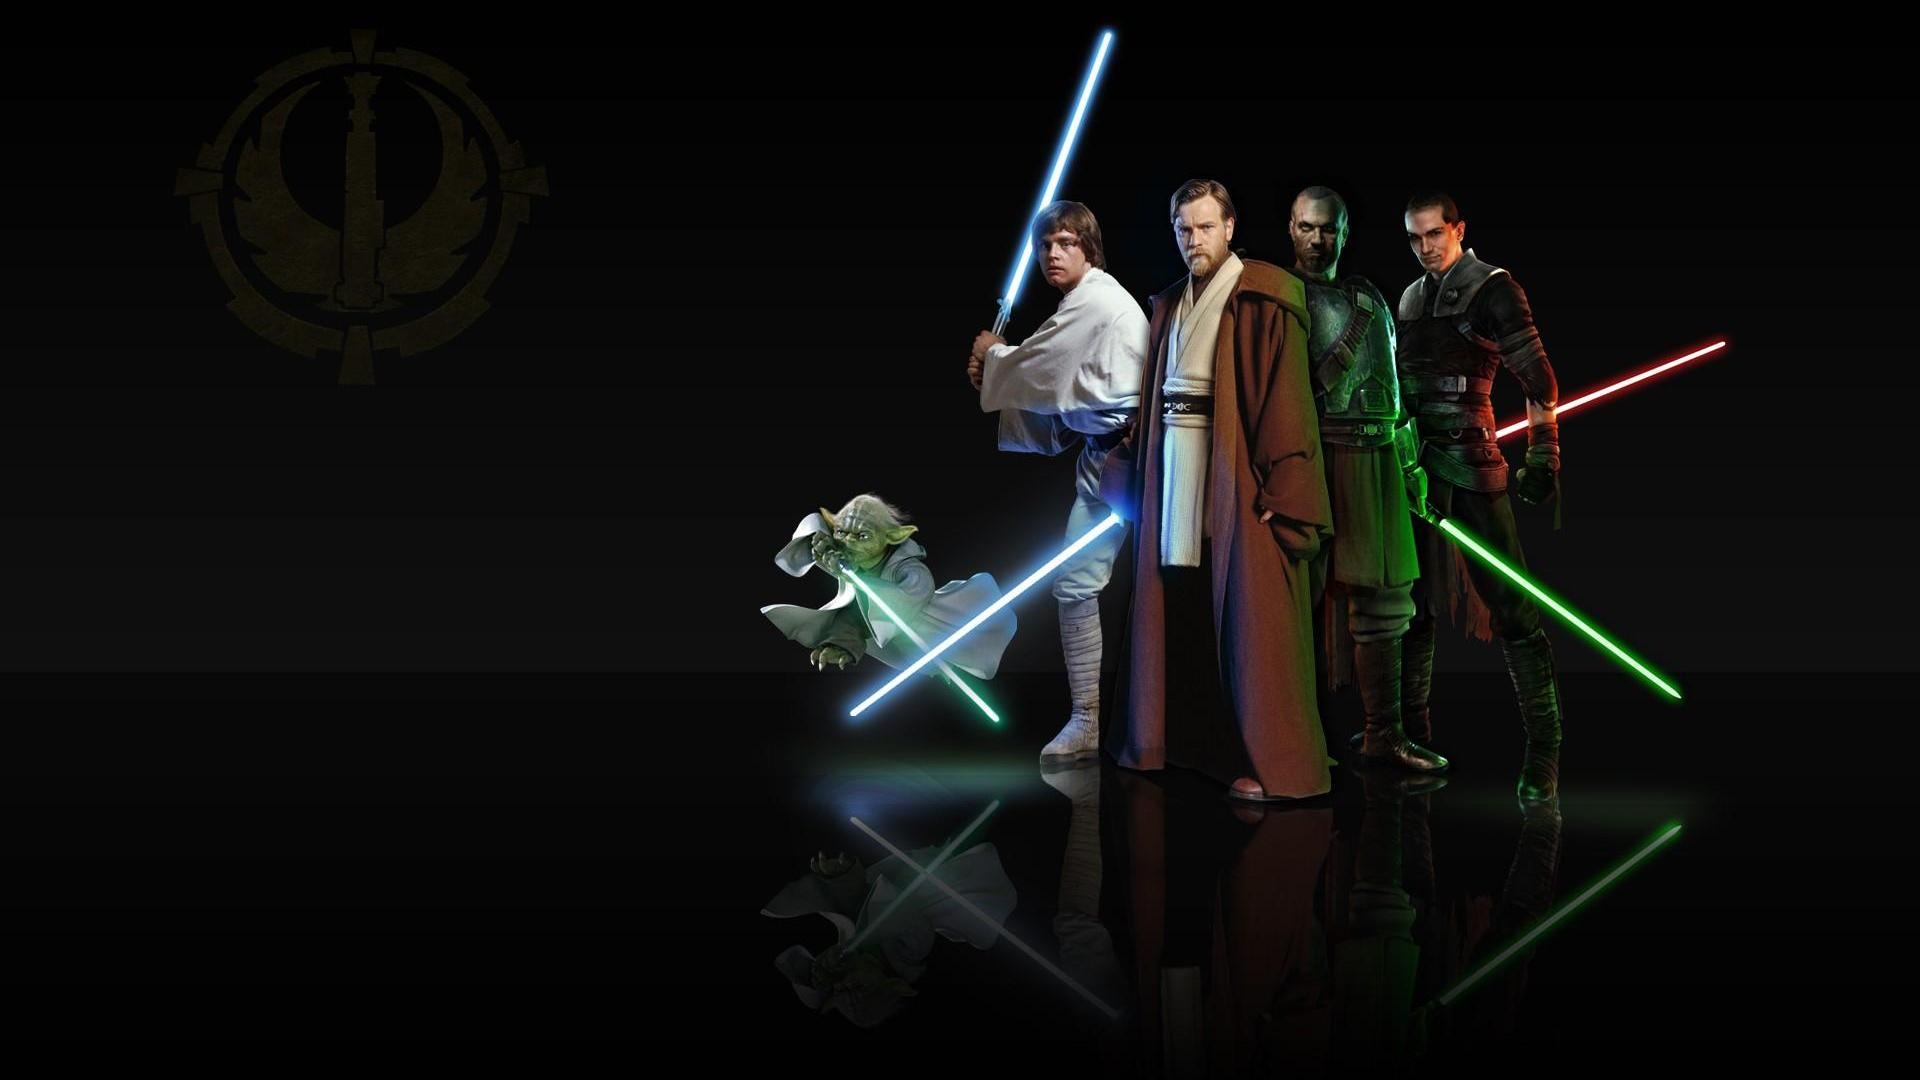 Star Wars Jedi Obi Wan Kenobi Light Side 1080x1920 Wallpaper HDTV 1920x1080